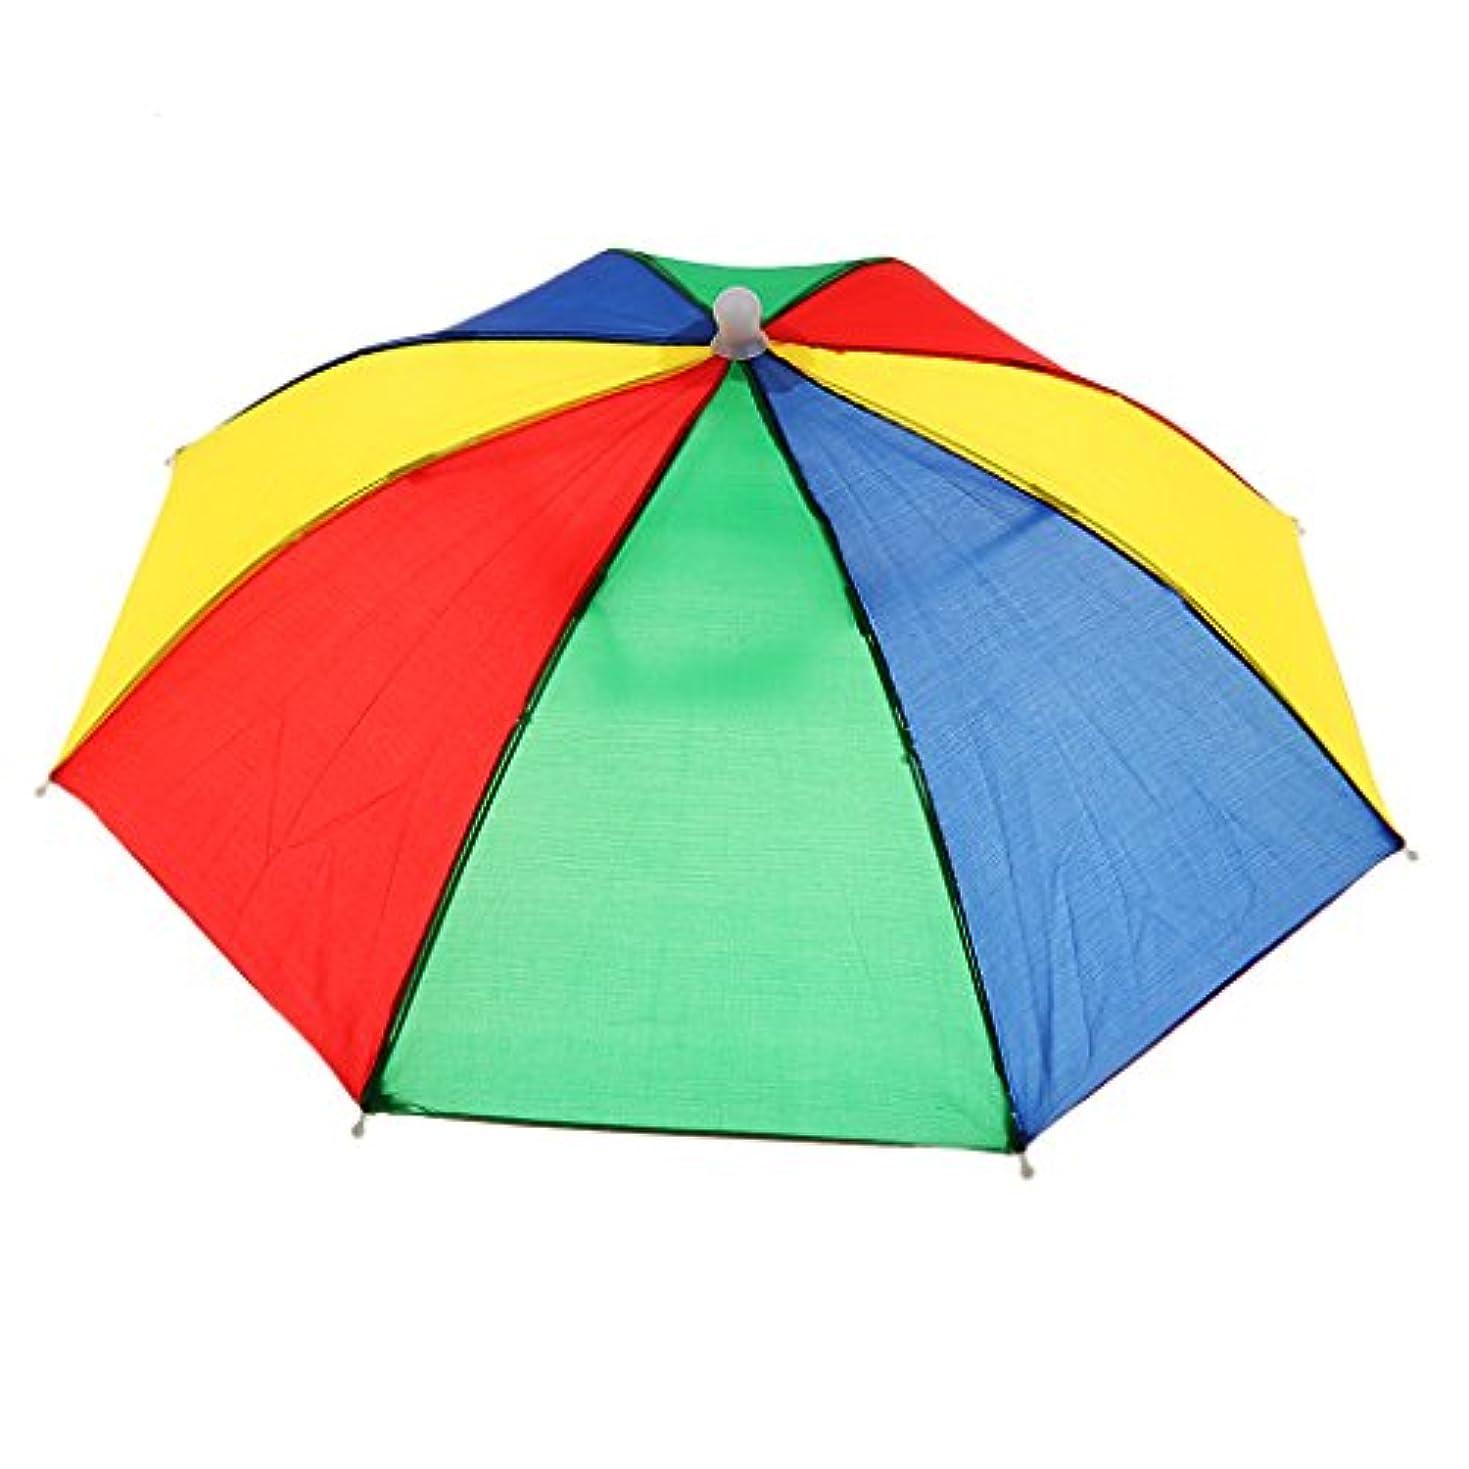 小さい敵対的チャネルDYNWAVE 子供 傘帽子 釣りキャンプ 傘ハット ビーチ ヘッドウェア 日焼止め フリーサイズ